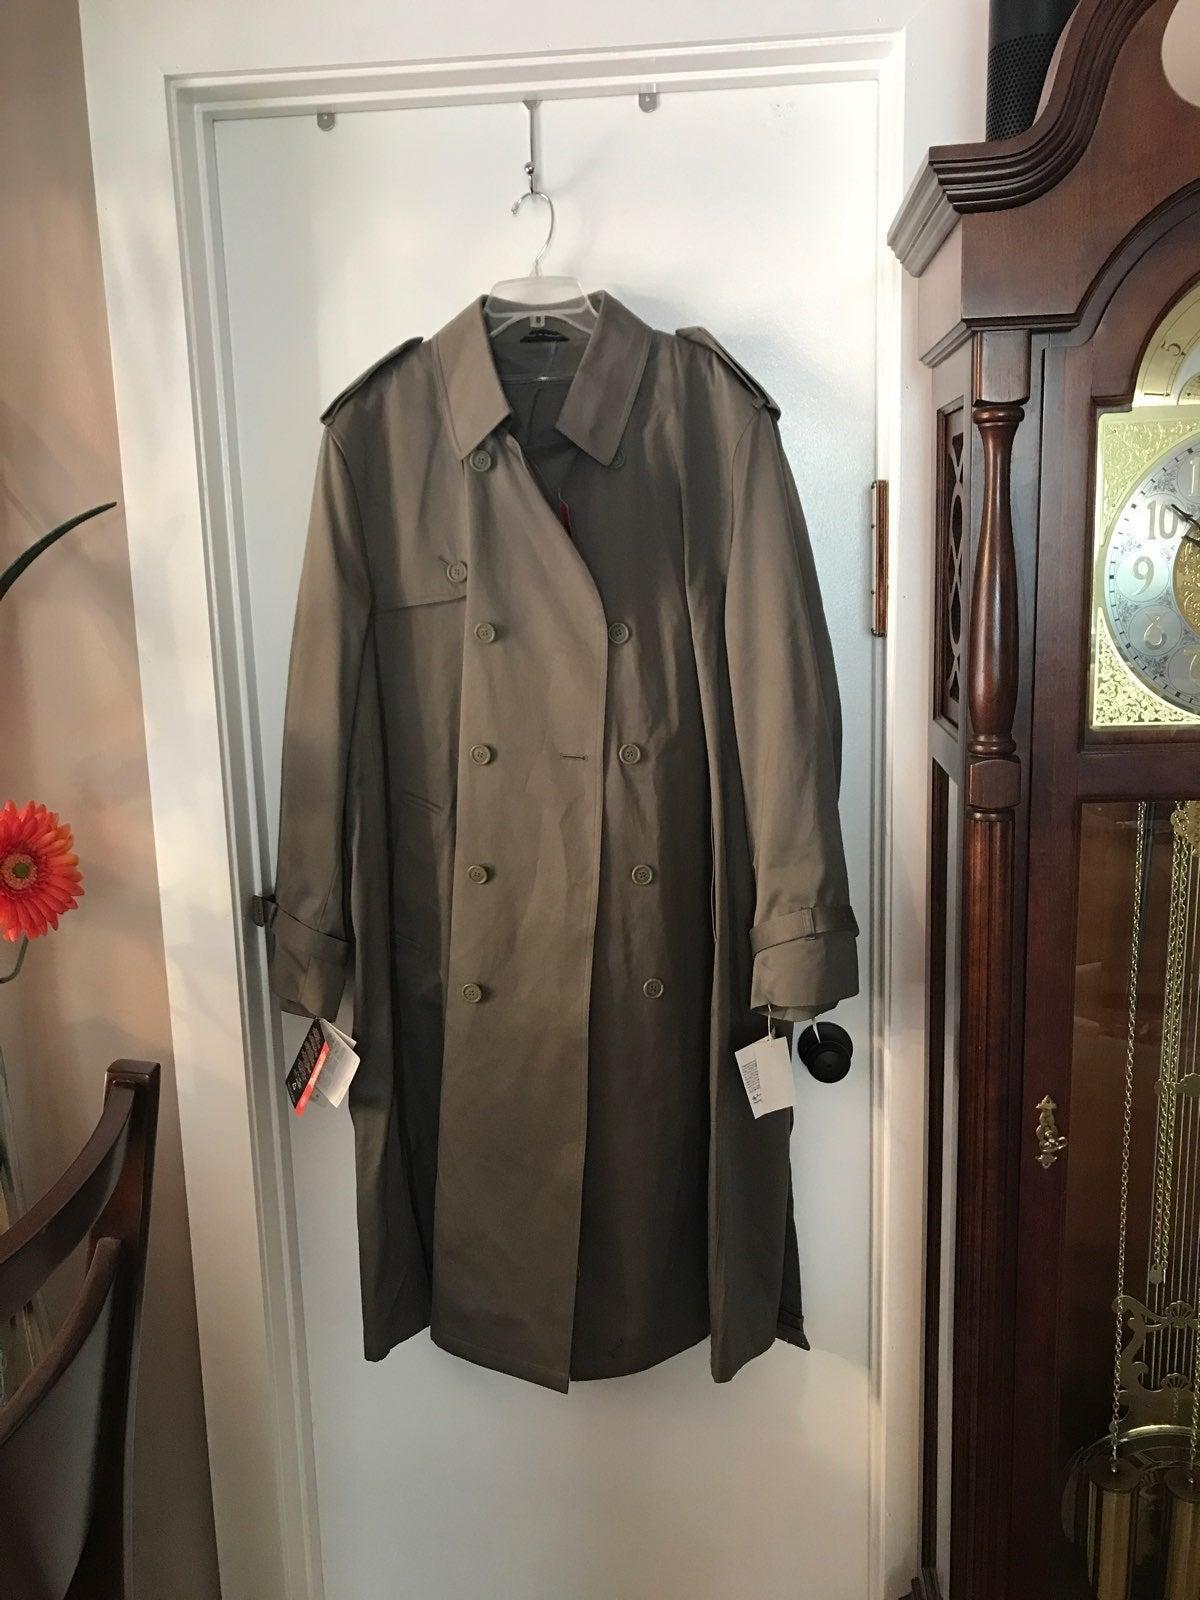 Oleg Cassini Men's Trench coat New wt